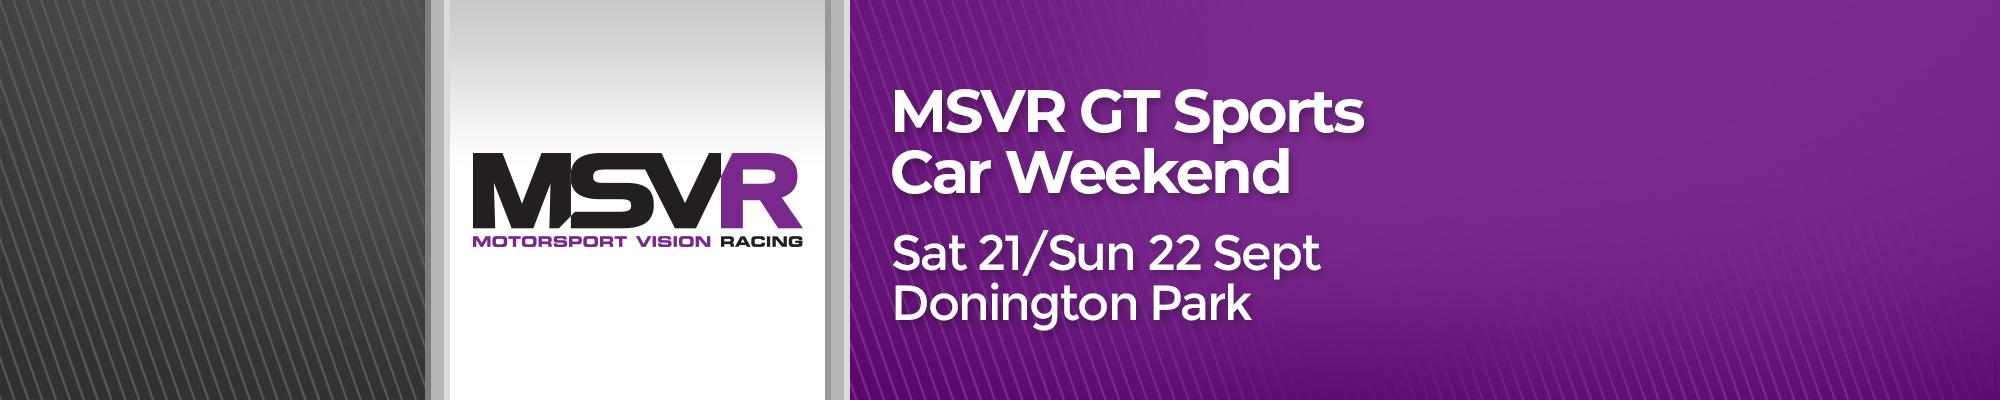 MSVR GT/Sports Race Weekend